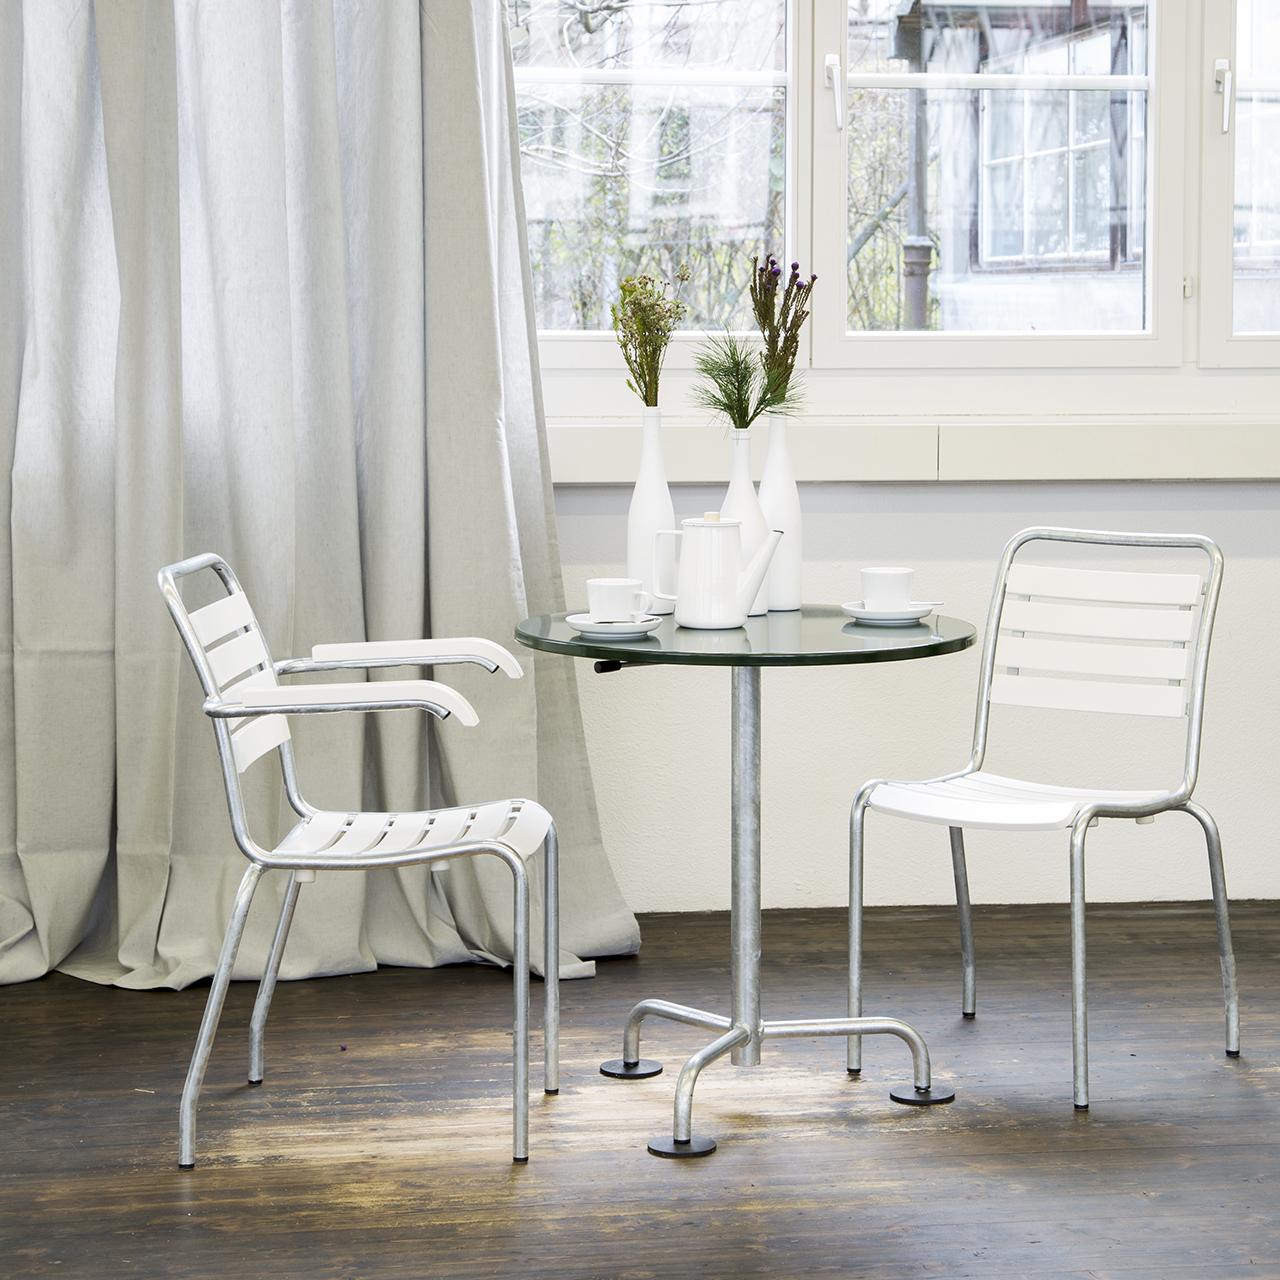 Gartentisch rund Atelier Alinea